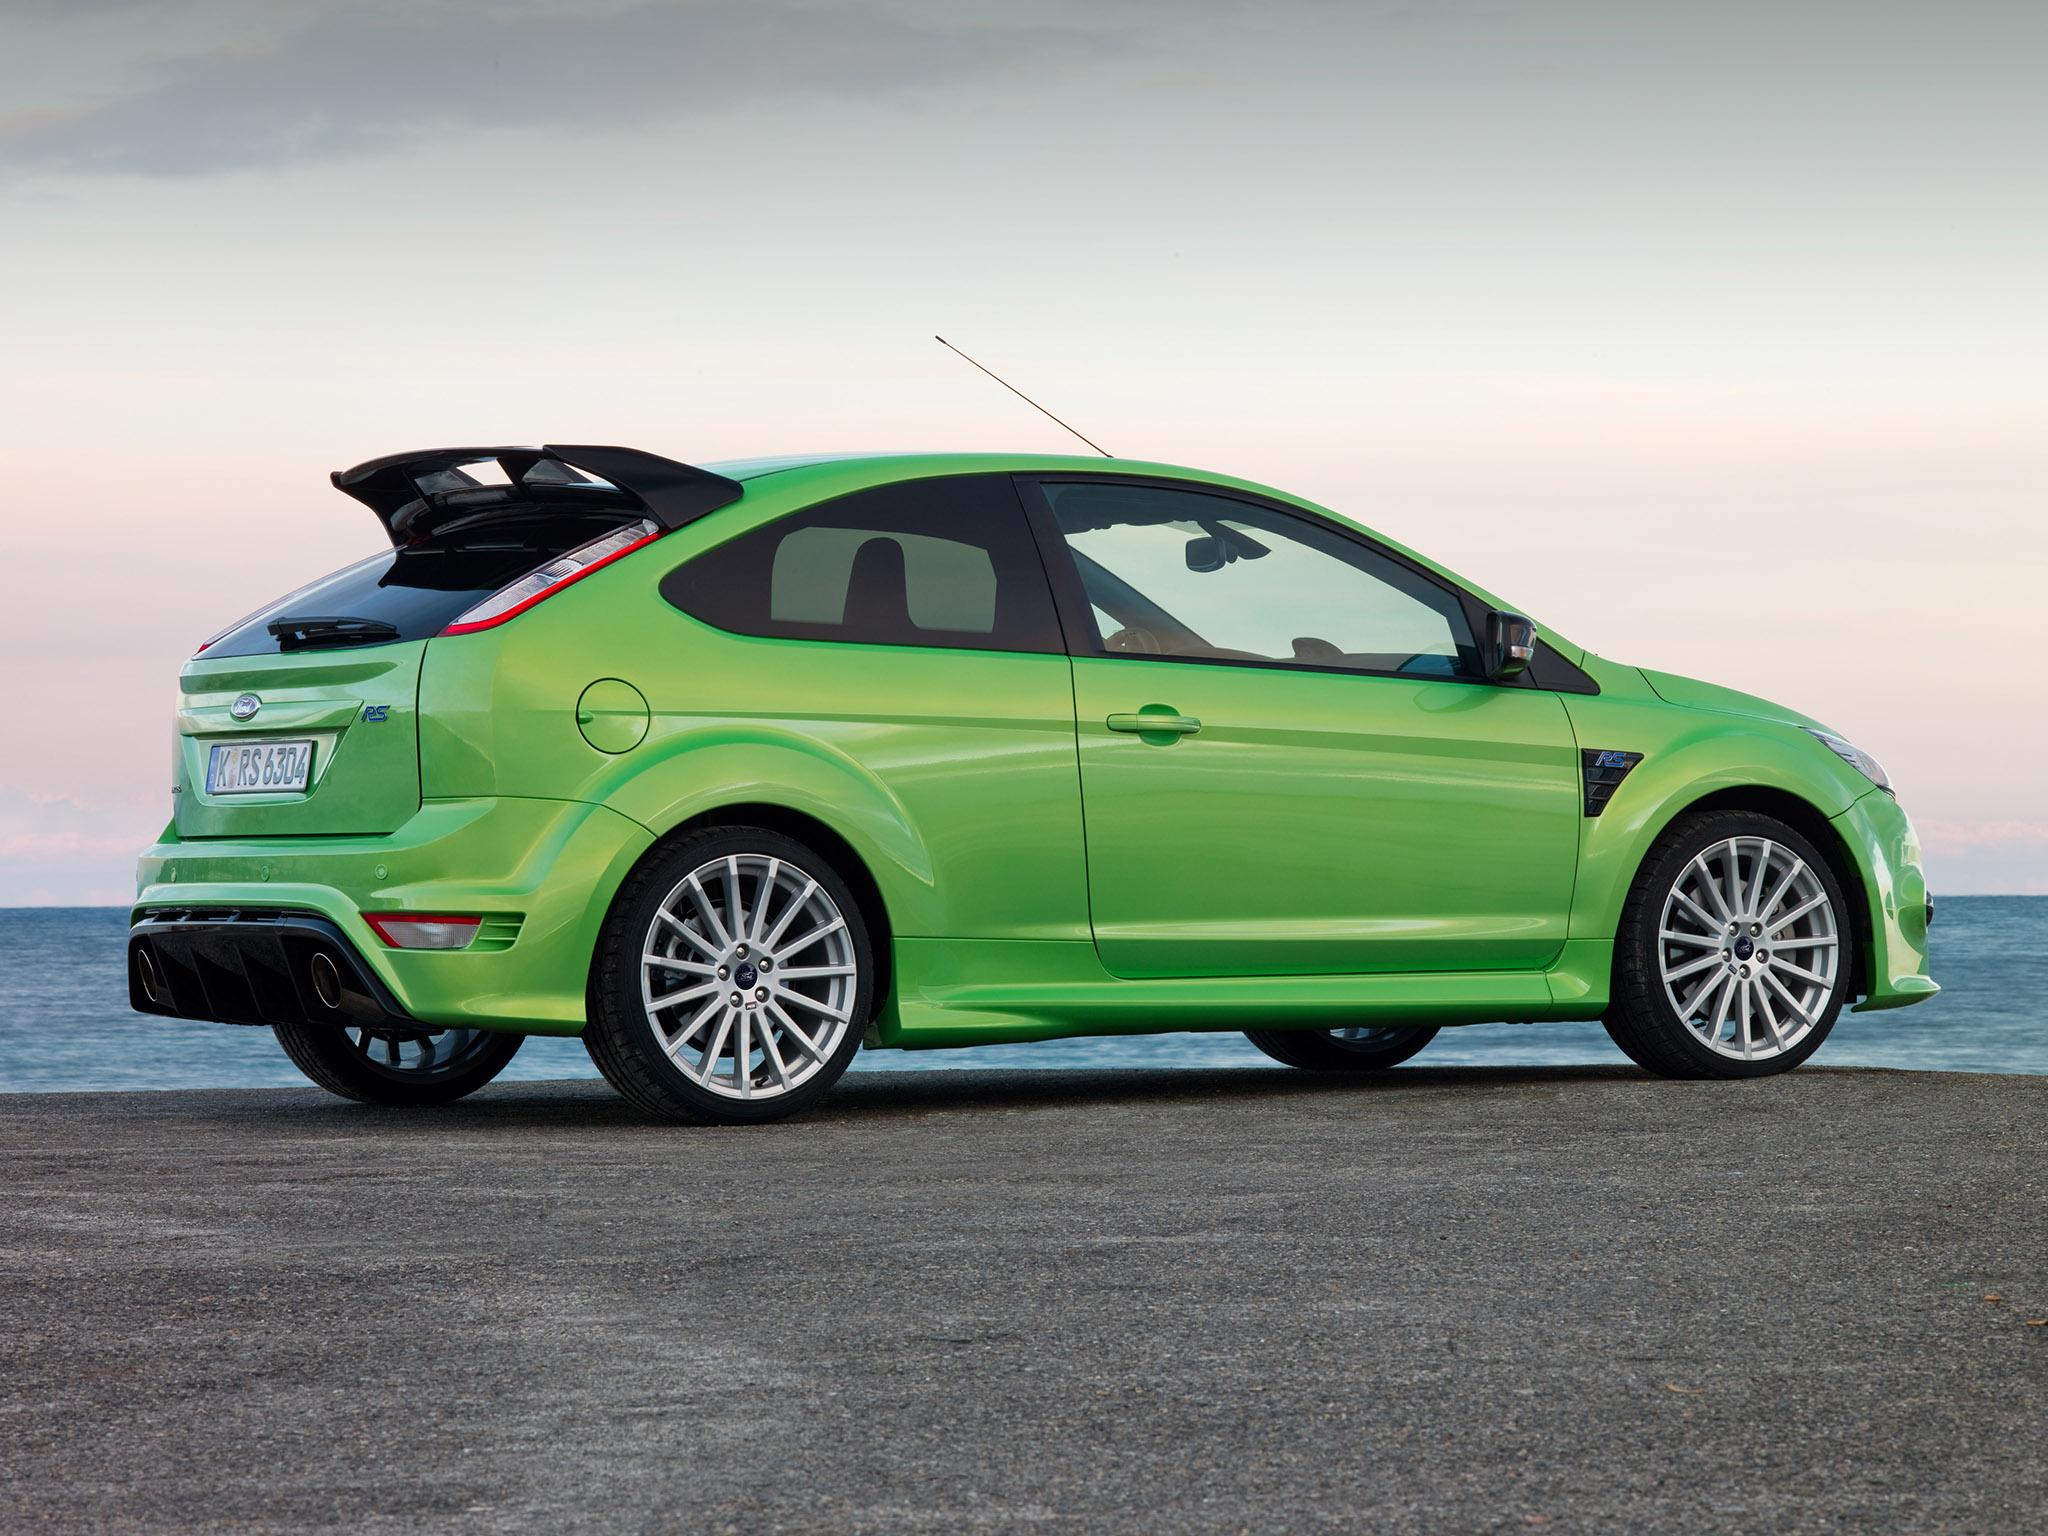 Форд фокус купе фото спорт